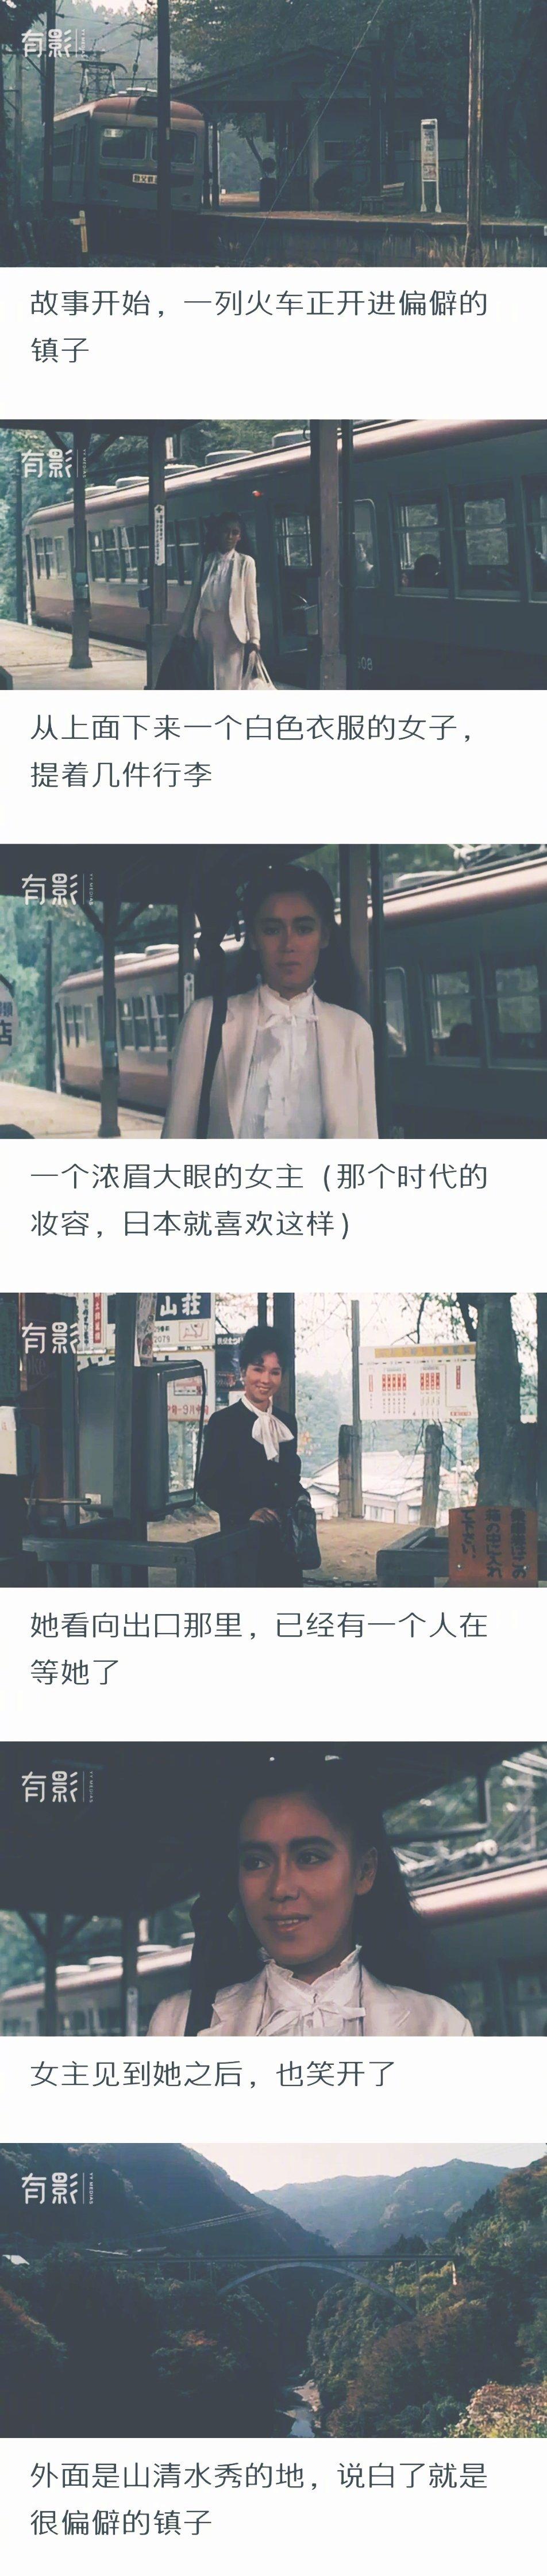 年轻女教师去山村支教的路途中,三个流氓突然窜出上前骚扰……